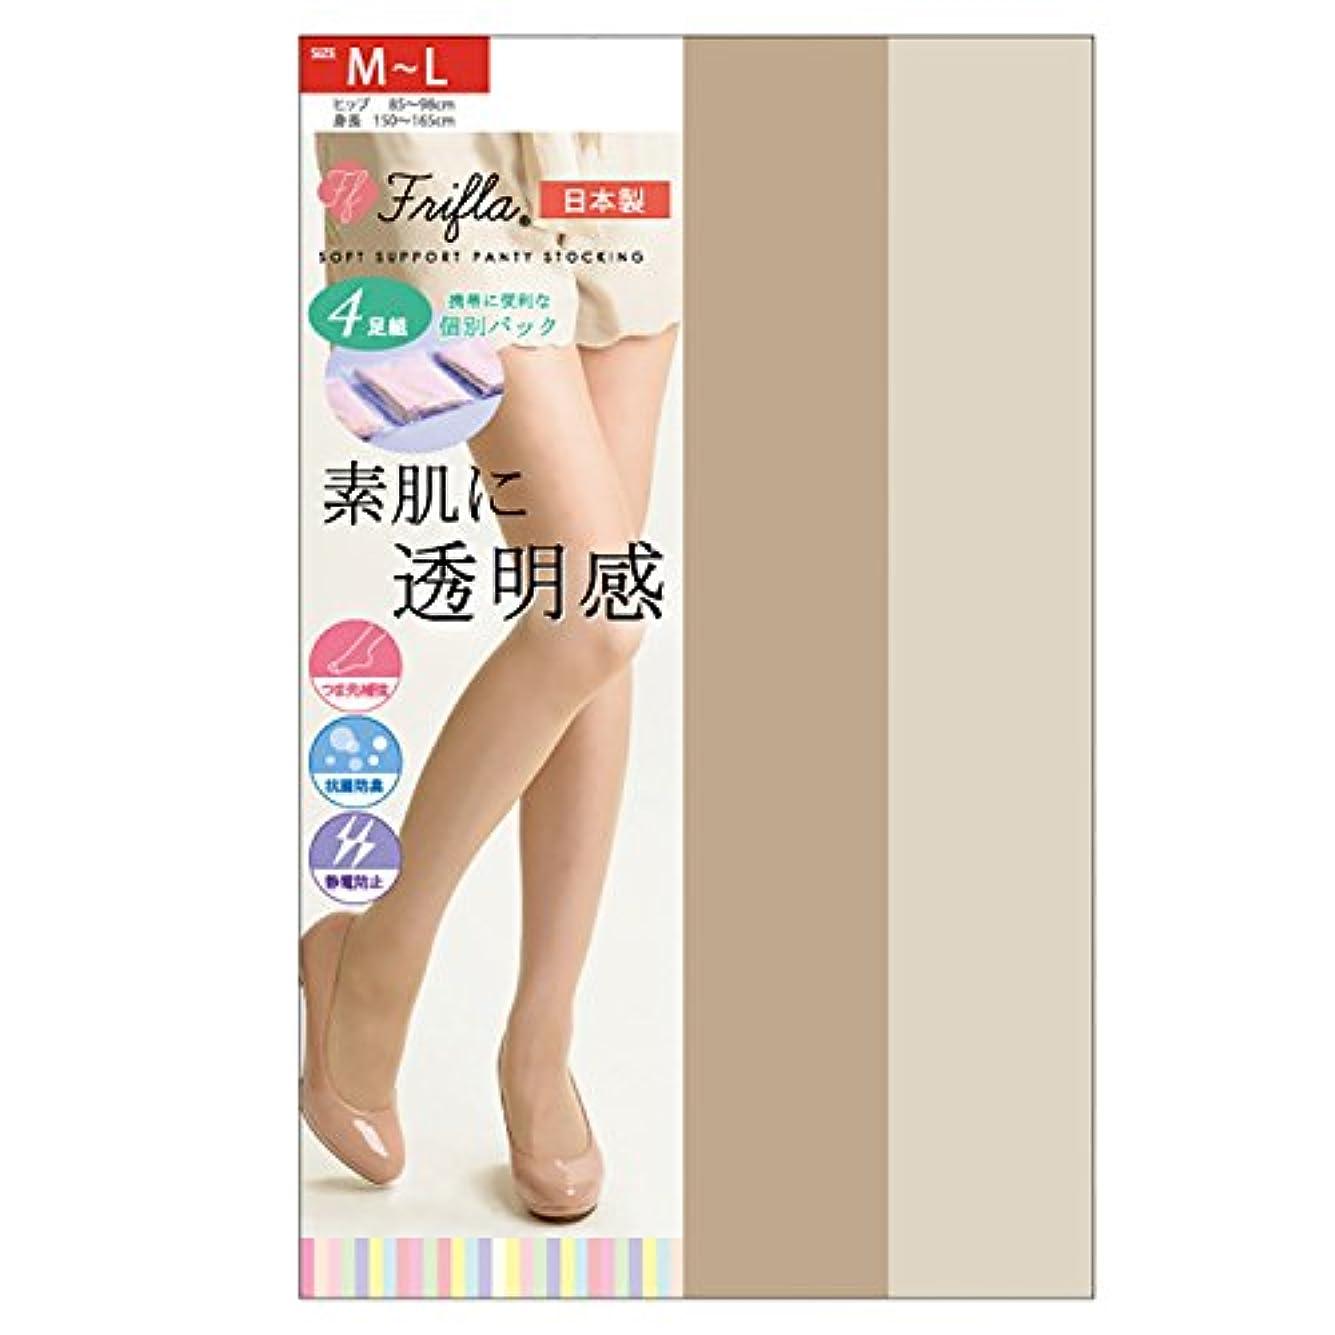 見習い読書専門化する素肌に透明感 ソフトサポートタイプ 交編ストッキング 4足組 日本製-素肌感 個包装 抗菌防臭 静電気防止 M-L L-LL パンスト (M-L, ピュアベージュ)